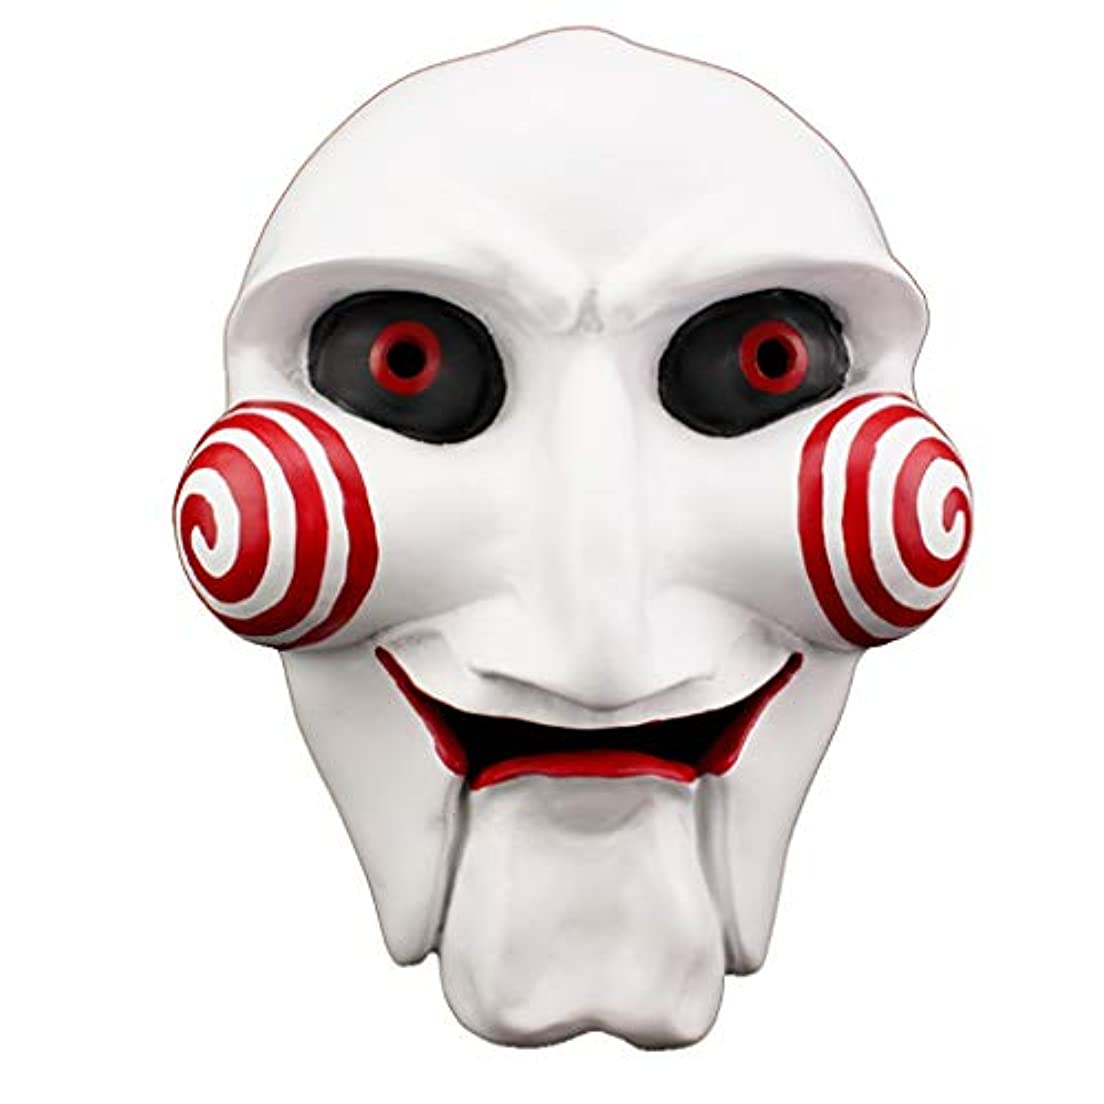 委託座るハロウィンホラーマスク、チェーンソークリプトテーママスクマスカレード樹脂マスク(22.5 * 12 cm)